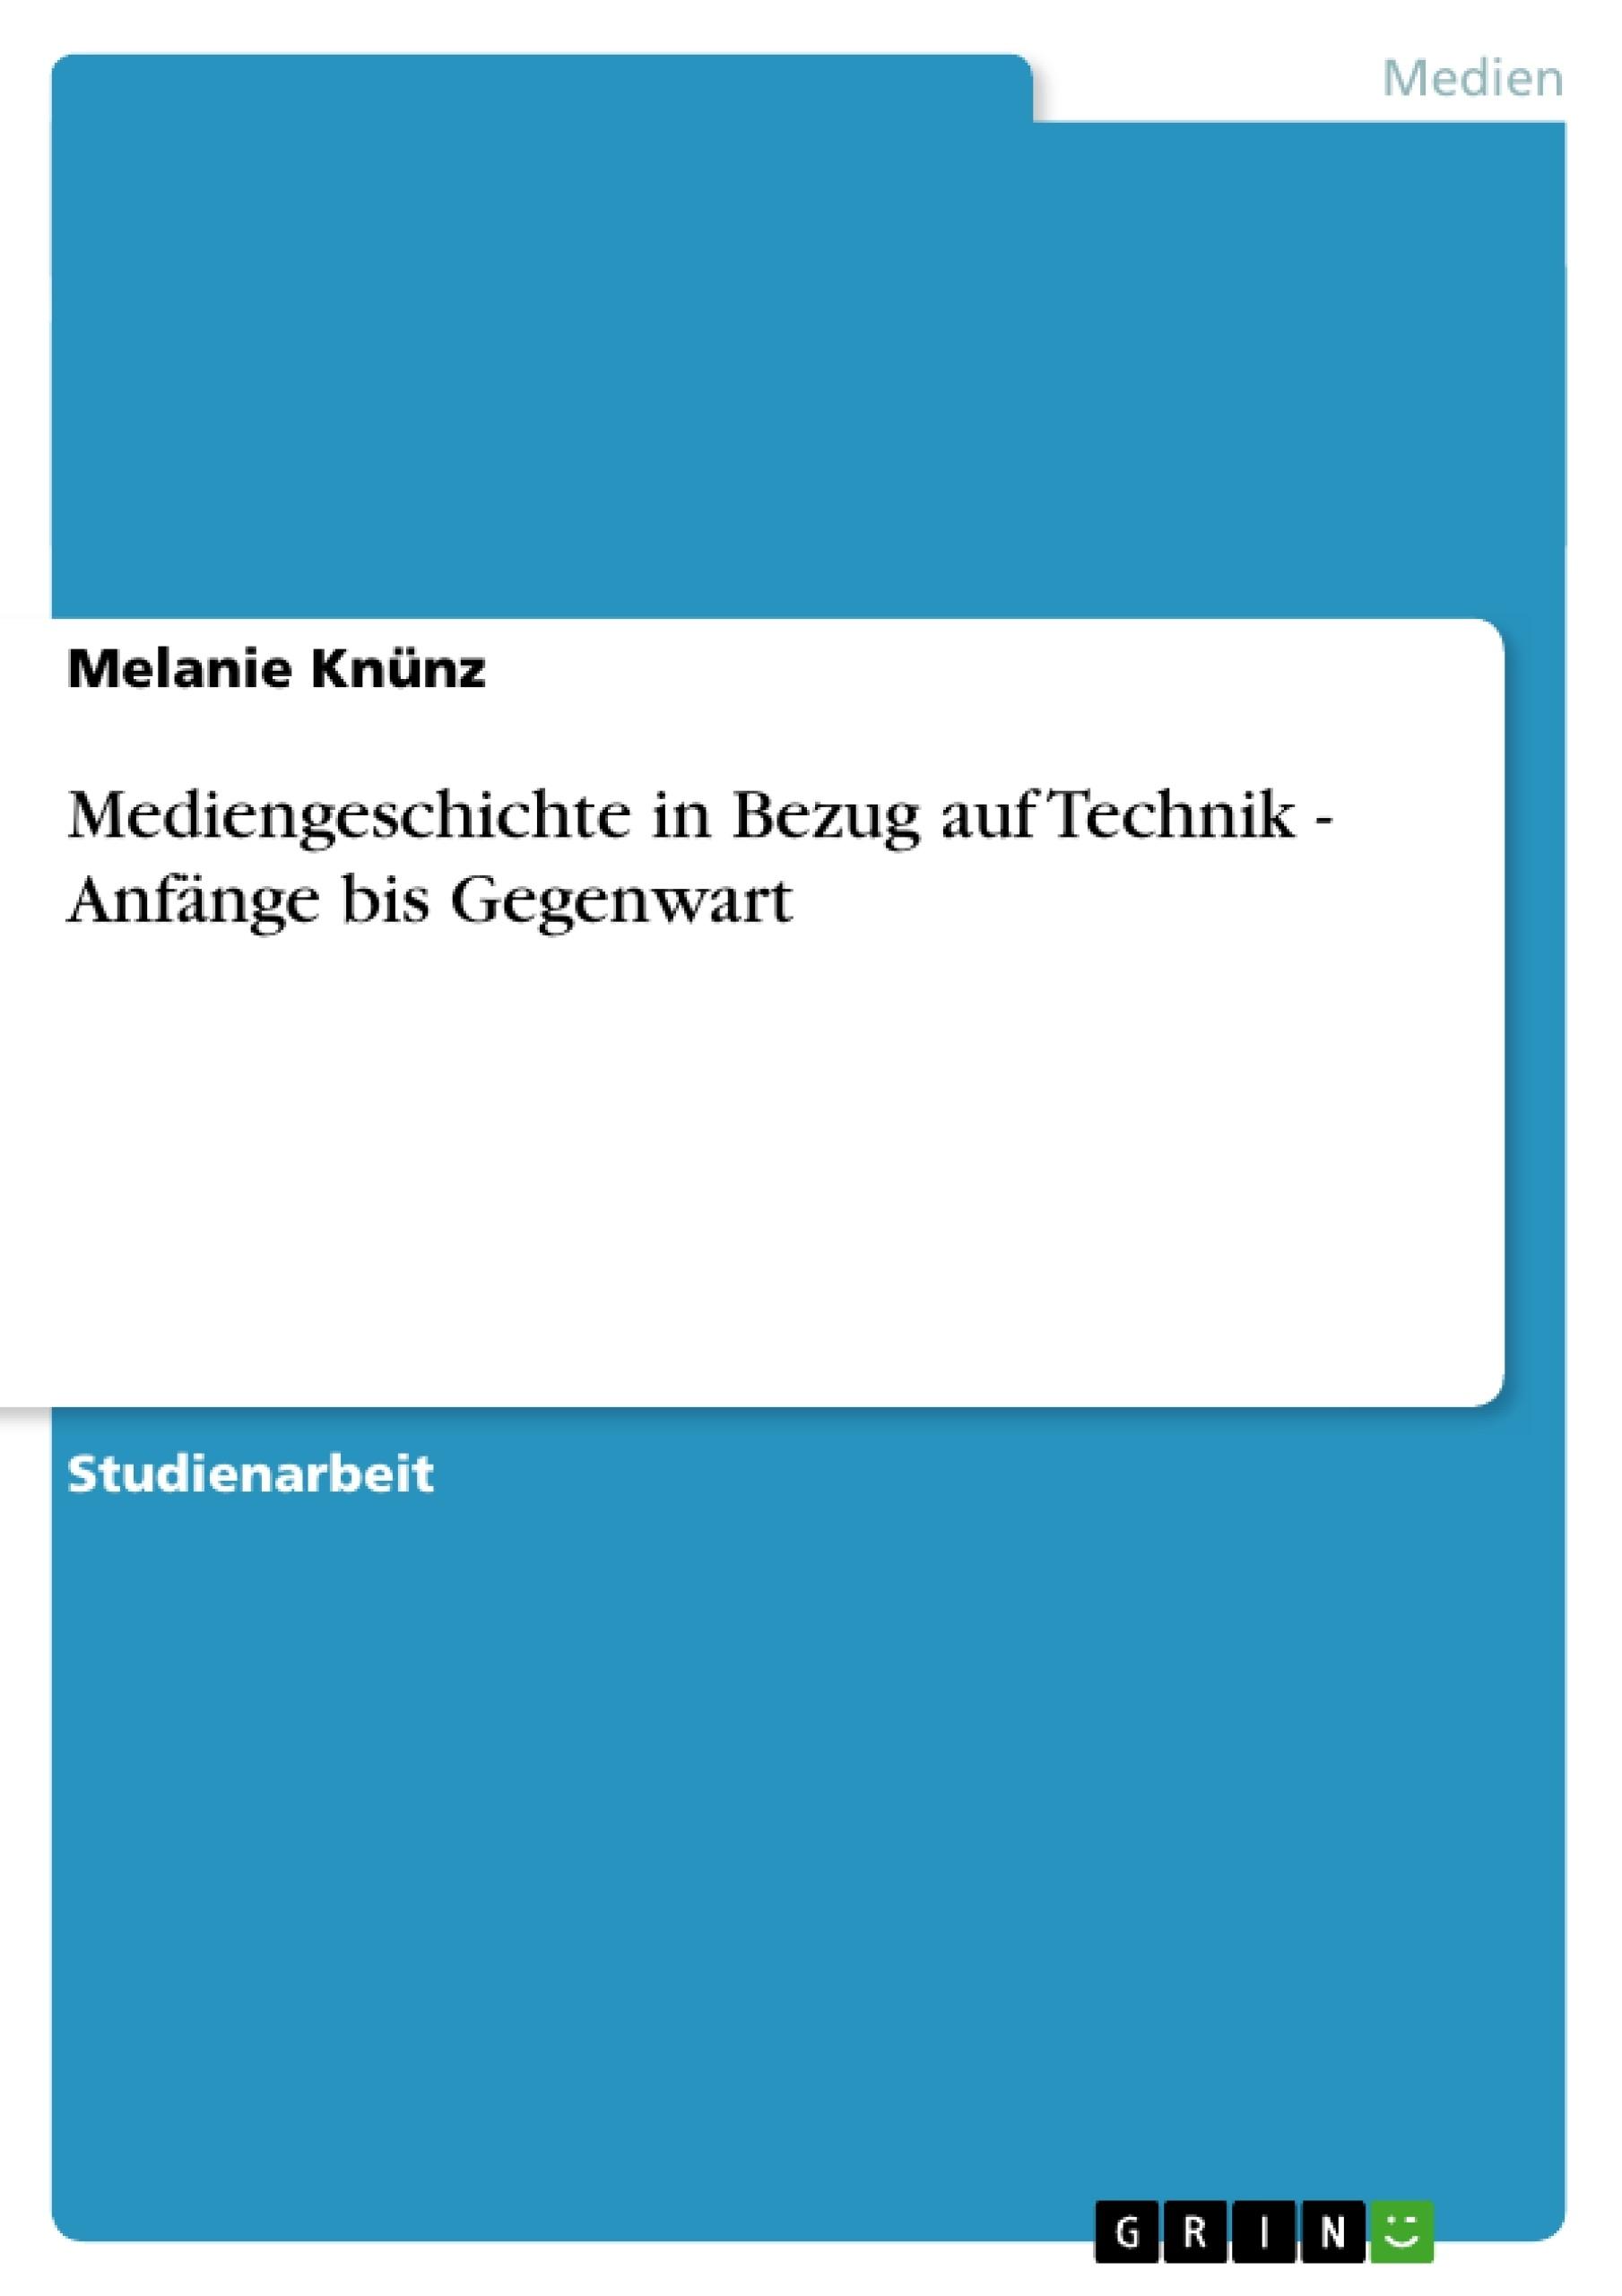 Titel: Mediengeschichte in Bezug auf Technik - Anfänge bis Gegenwart